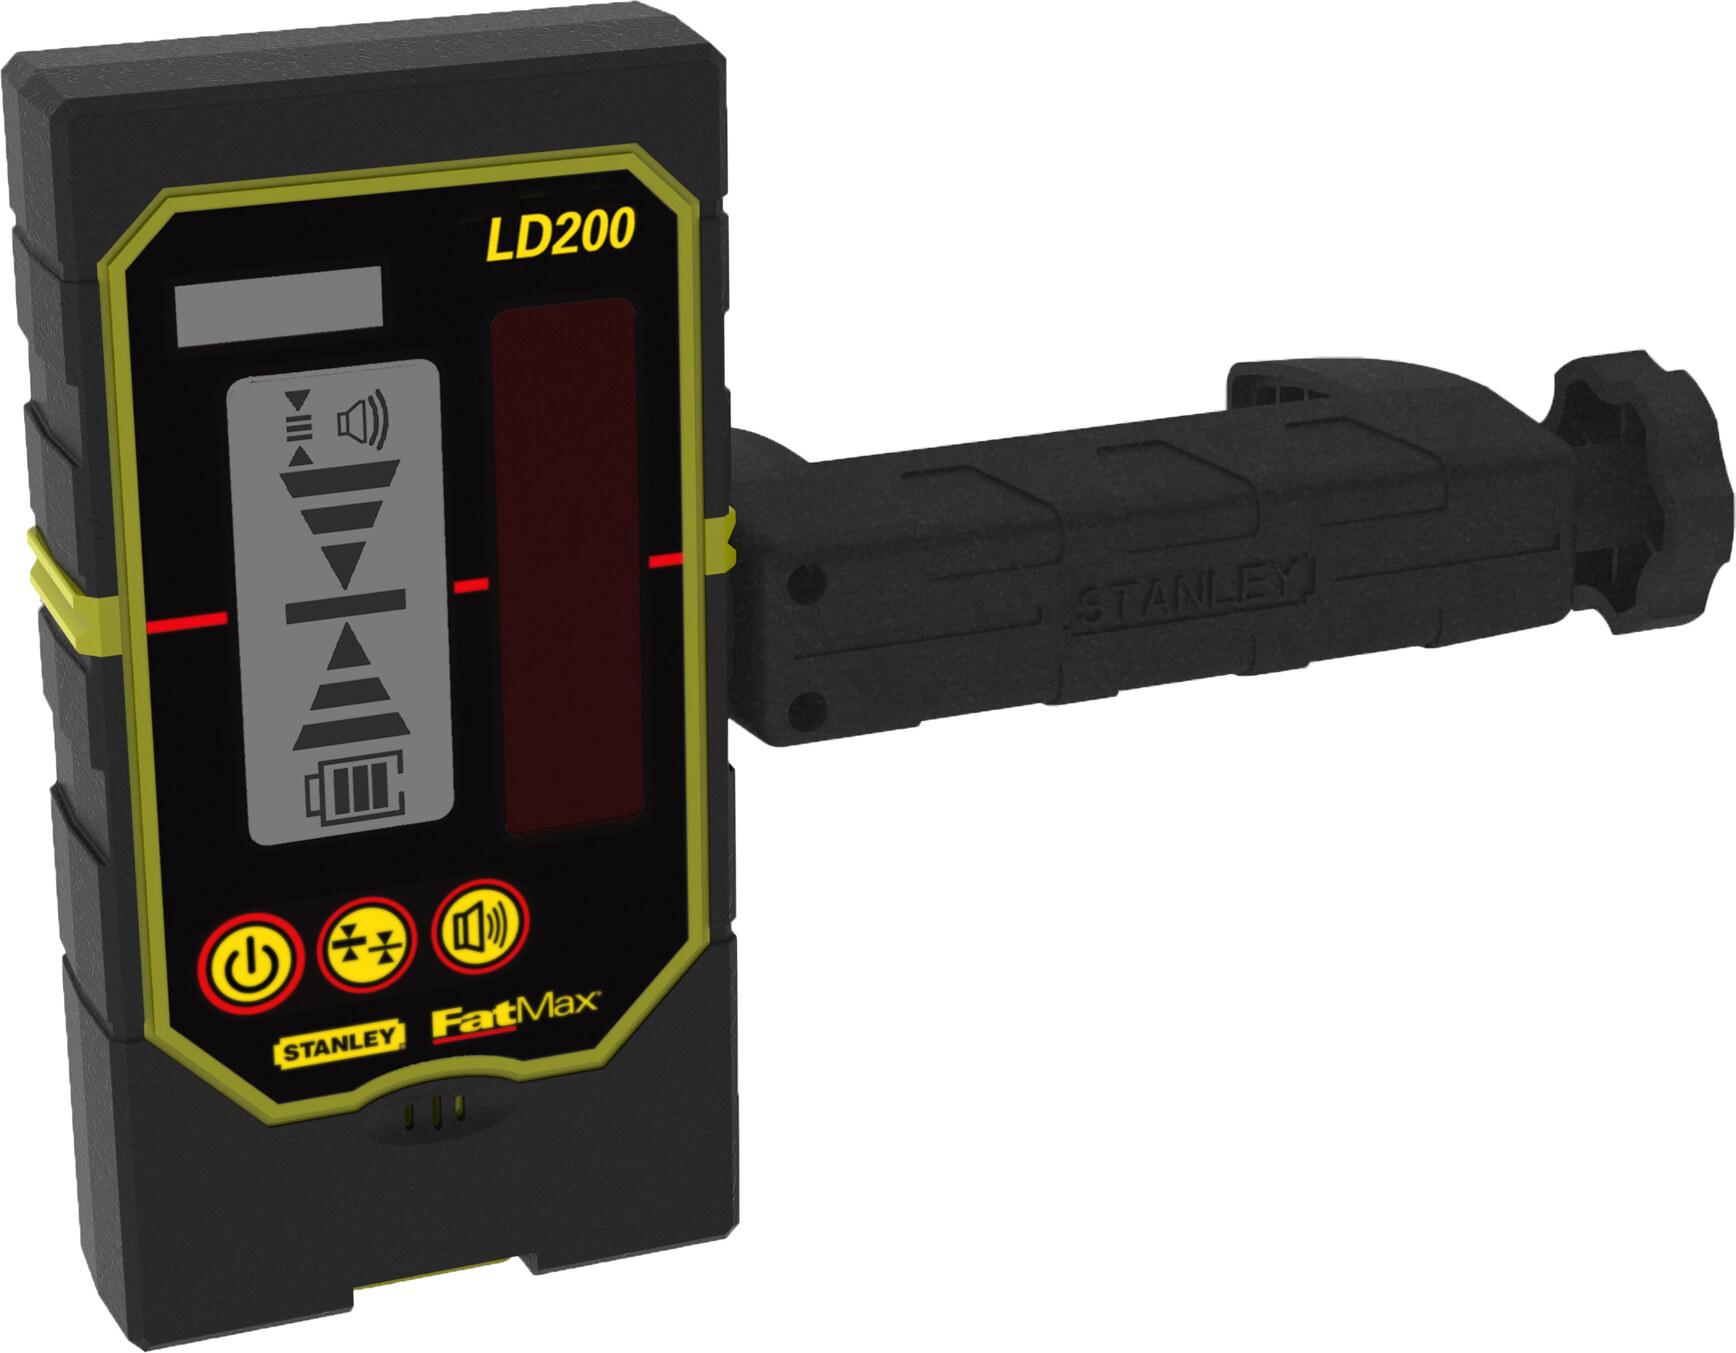 Laser Entfernungsmesser Discounter : Stanley empfaenger ld200 fuer linienlaser 50m shop: up to